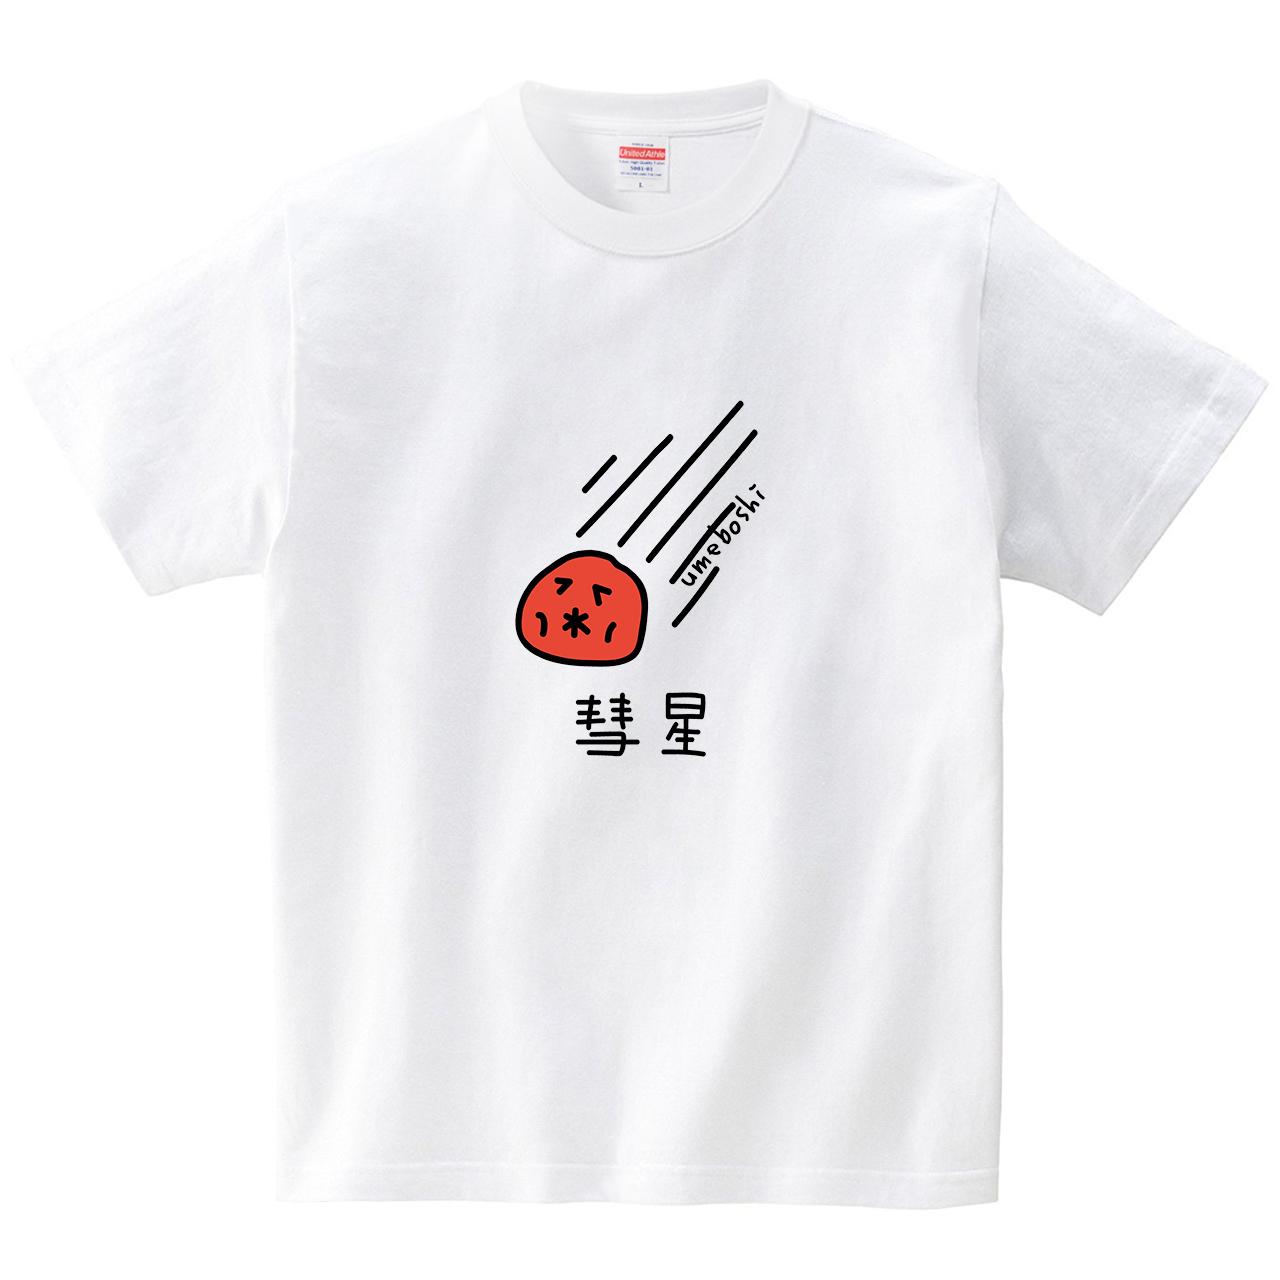 彗星な梅干(Tシャツ・ホワイト)(オワリ)